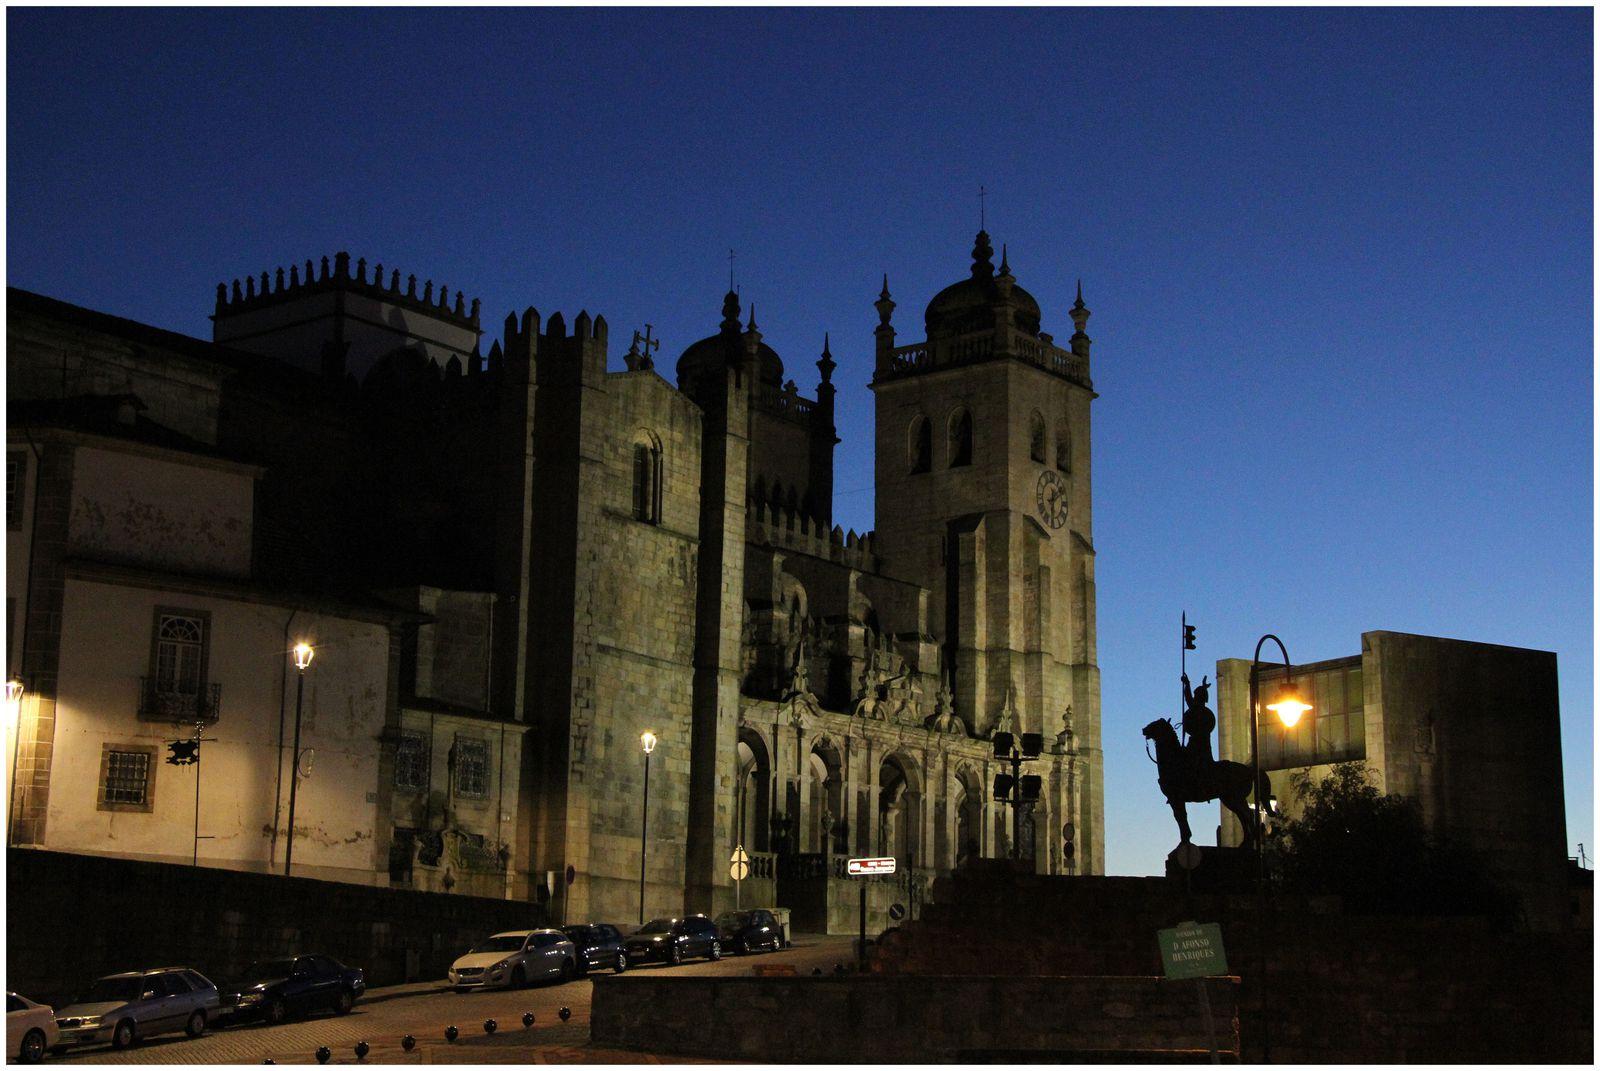 Je vous laisse découvrir Porto la nuit, sans vous donner de détails des lieux, mais juste pour vous donner envie de découvrir, vous aussi, cette ville pleine de constraste!!!